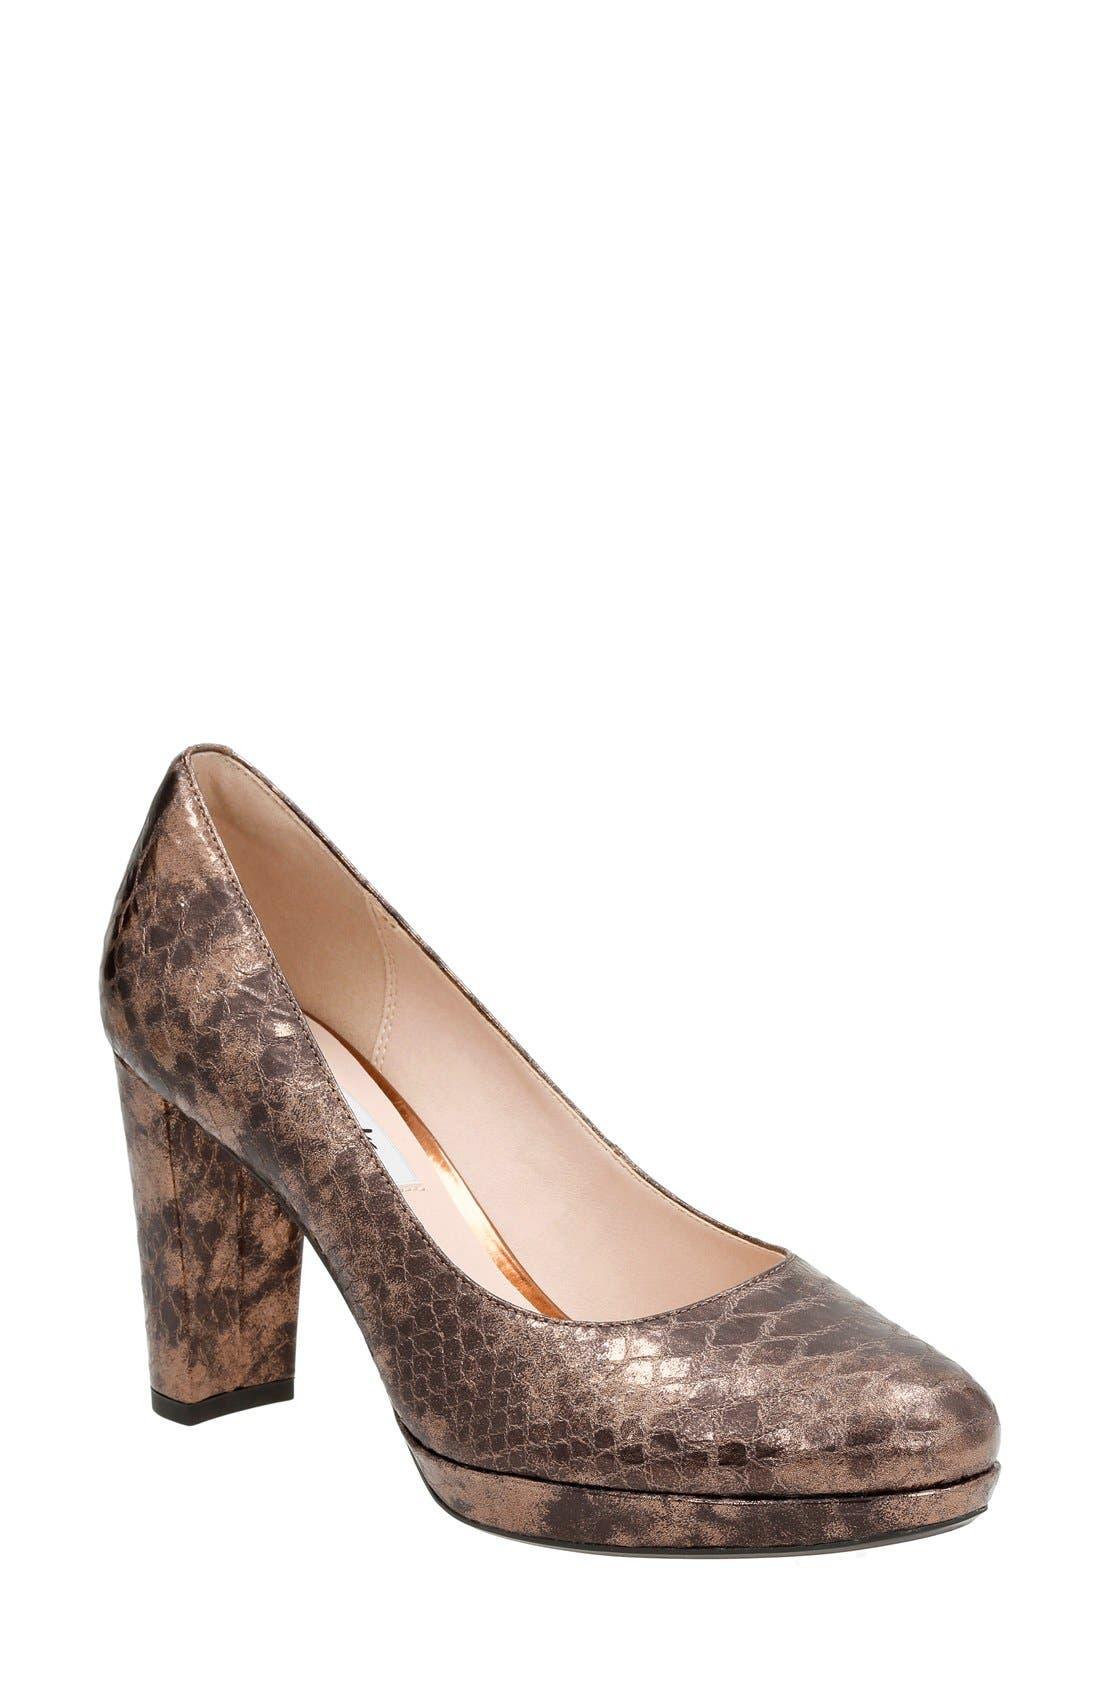 CLARKS® Kendra Sienna Almond Toe Pump